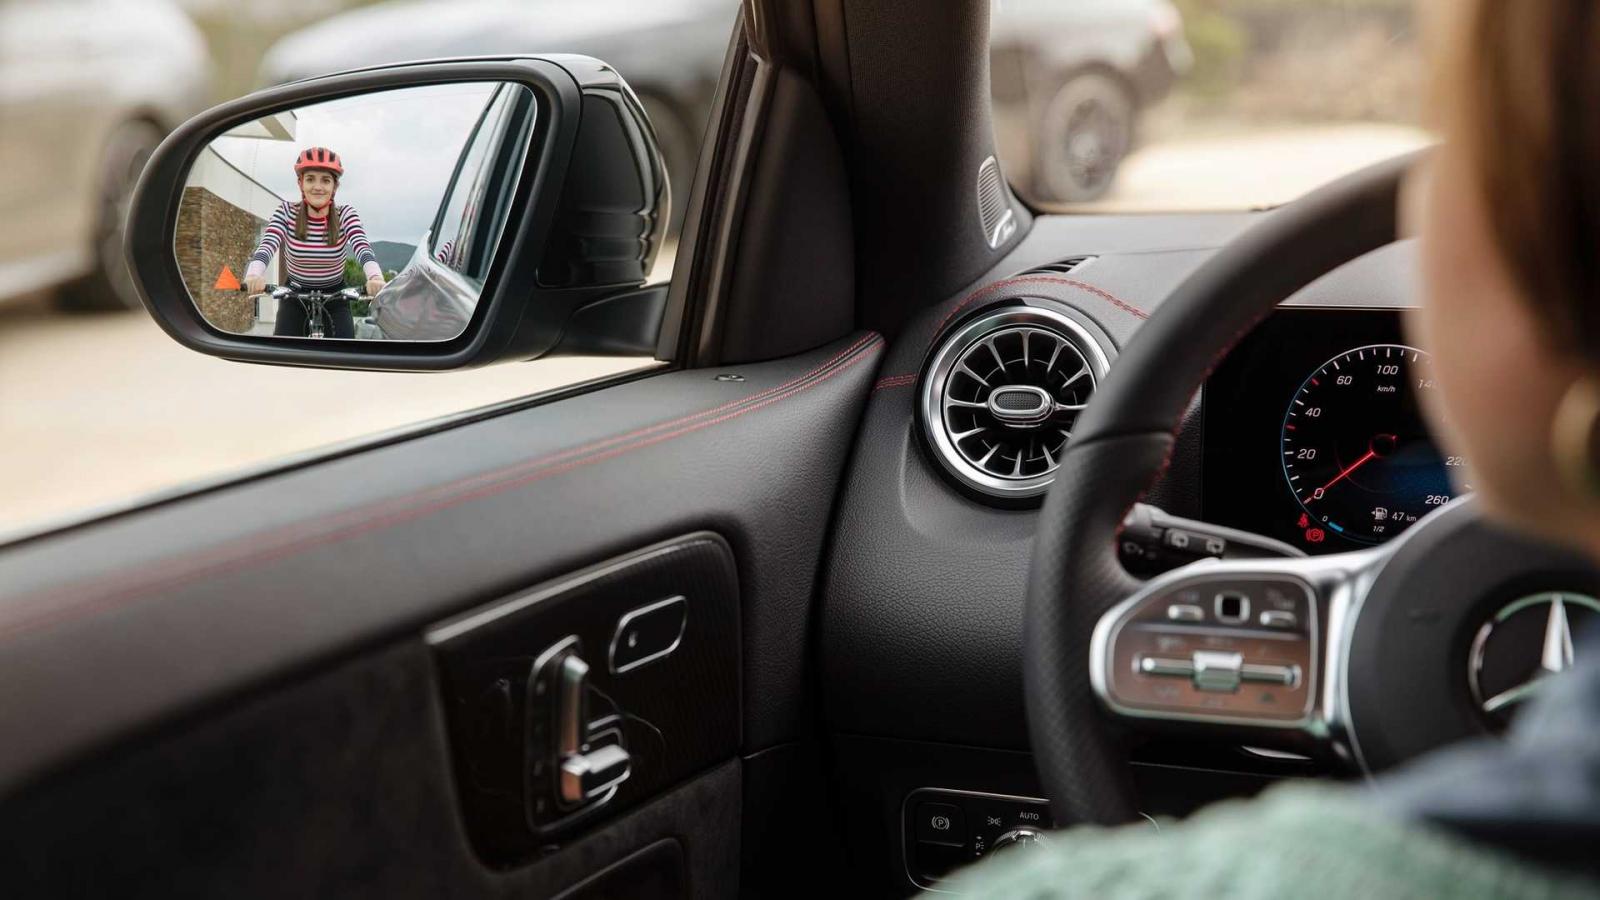 В преддверии дебюта второго поколения Mercedes-Benz GLA в сеть выложили снимок салона, на котором можно рассмотреть цифровую панель приборов и то, как работает мониторинг слепых зон.